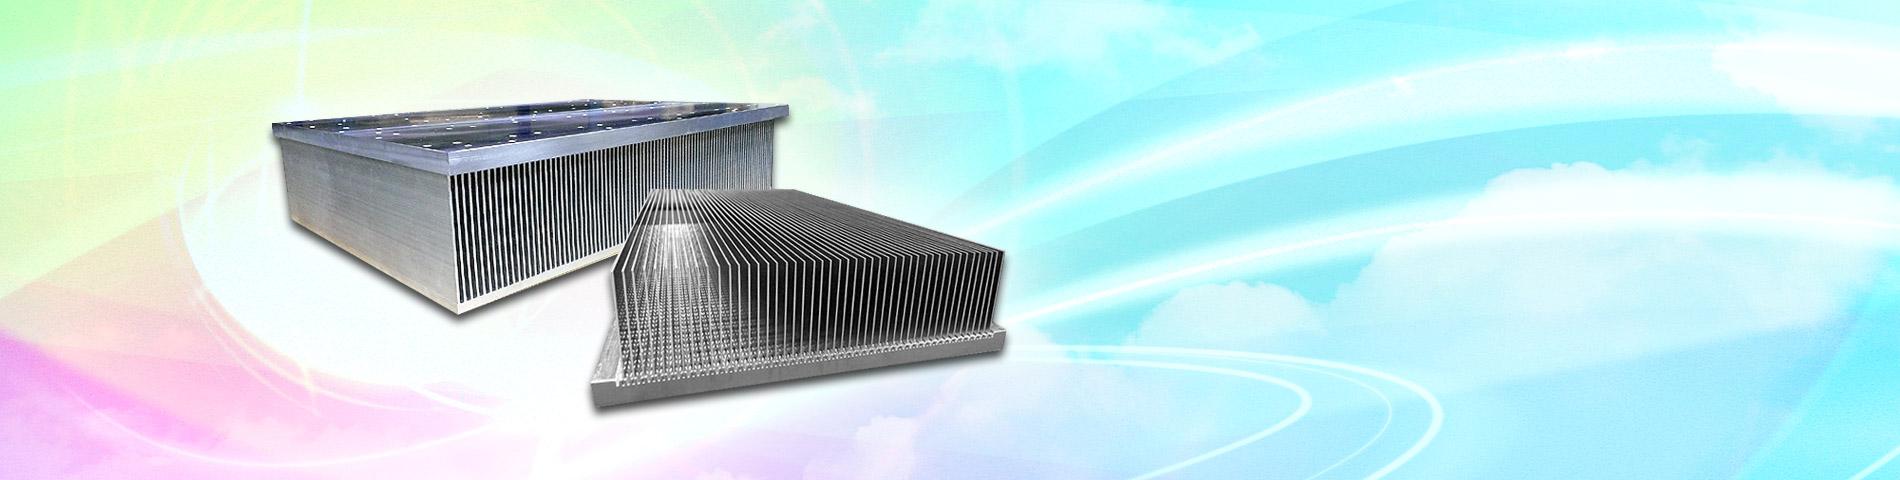 SHUNTEH Nous satisfaisons votre besoin Un fabricant professionnel de dissipateur thermique